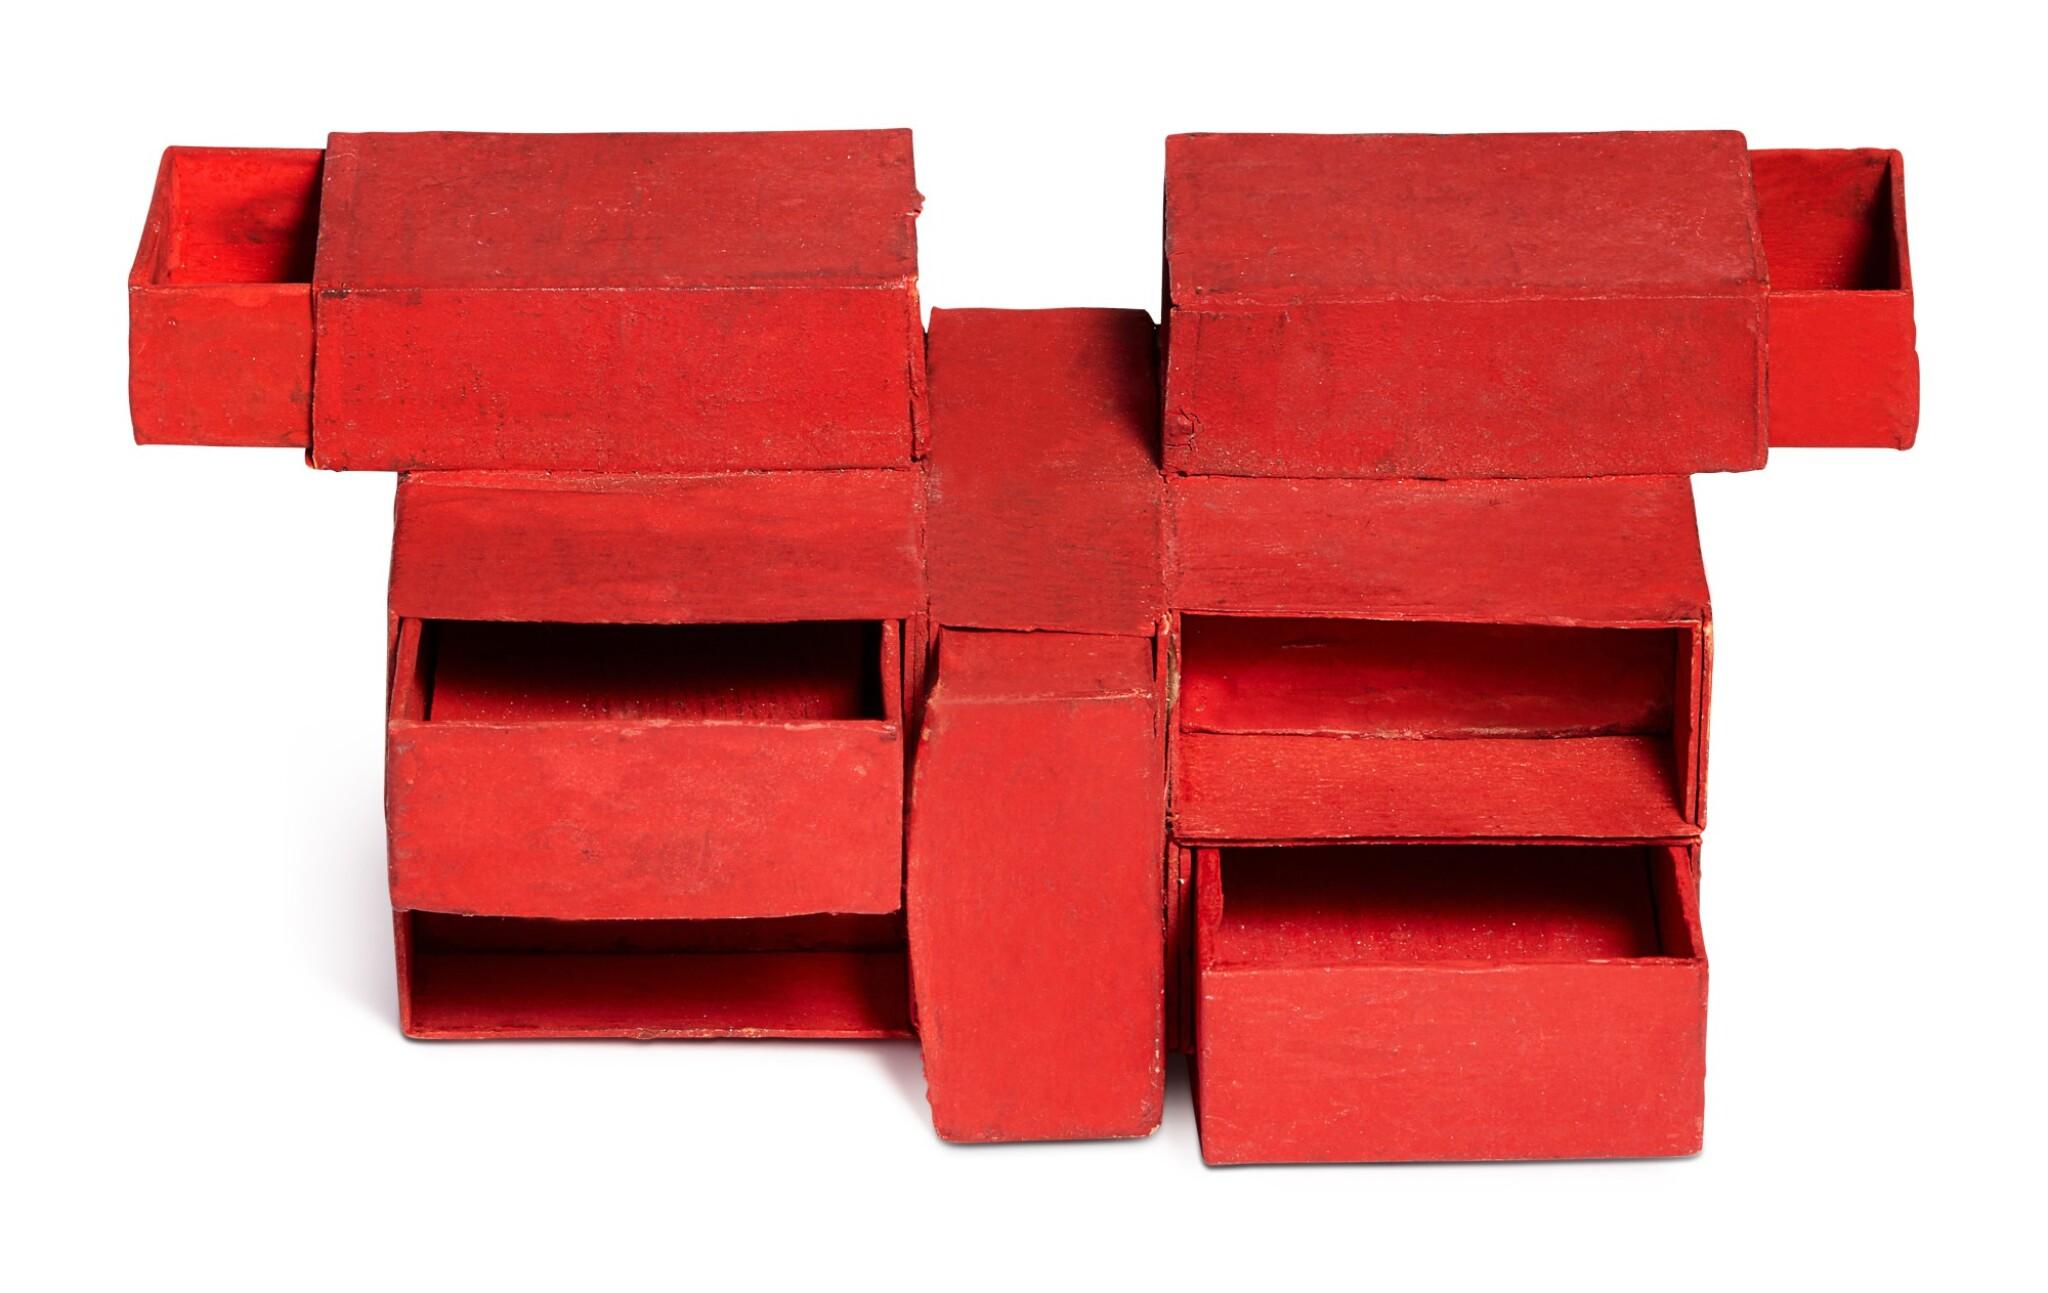 View full screen - View 1 of Lot 237. Estrutura de caixas de fósforos vermelho (7 caixas).